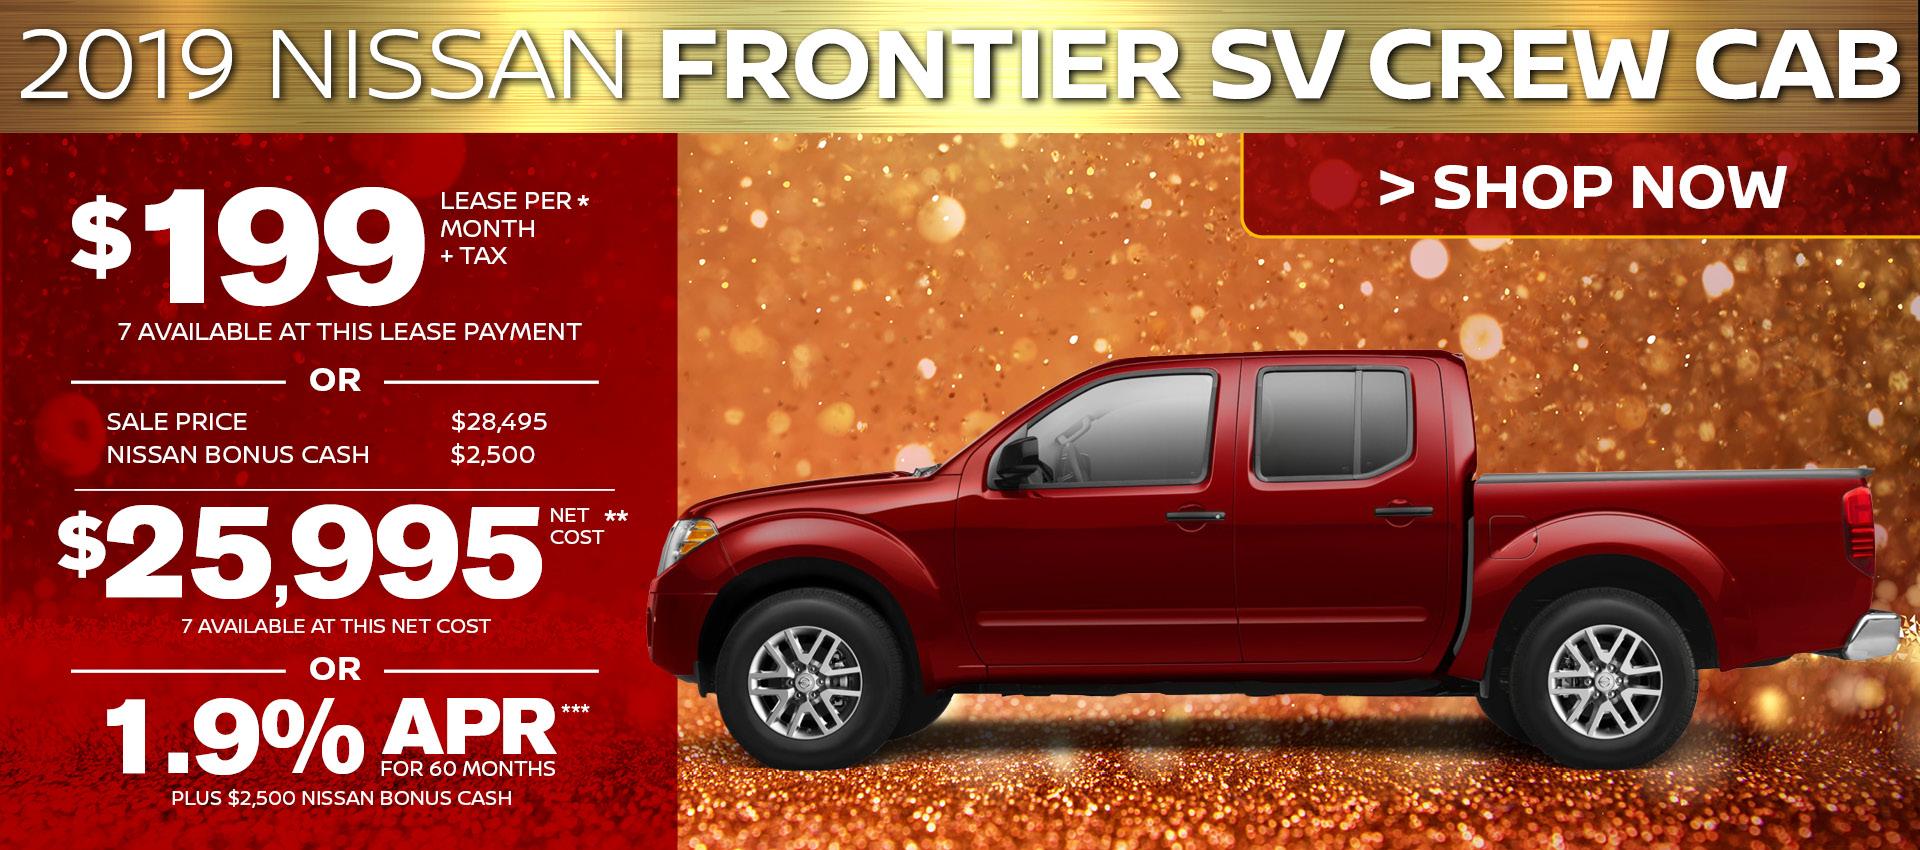 Mossy Nissan - Frontier Crew HP